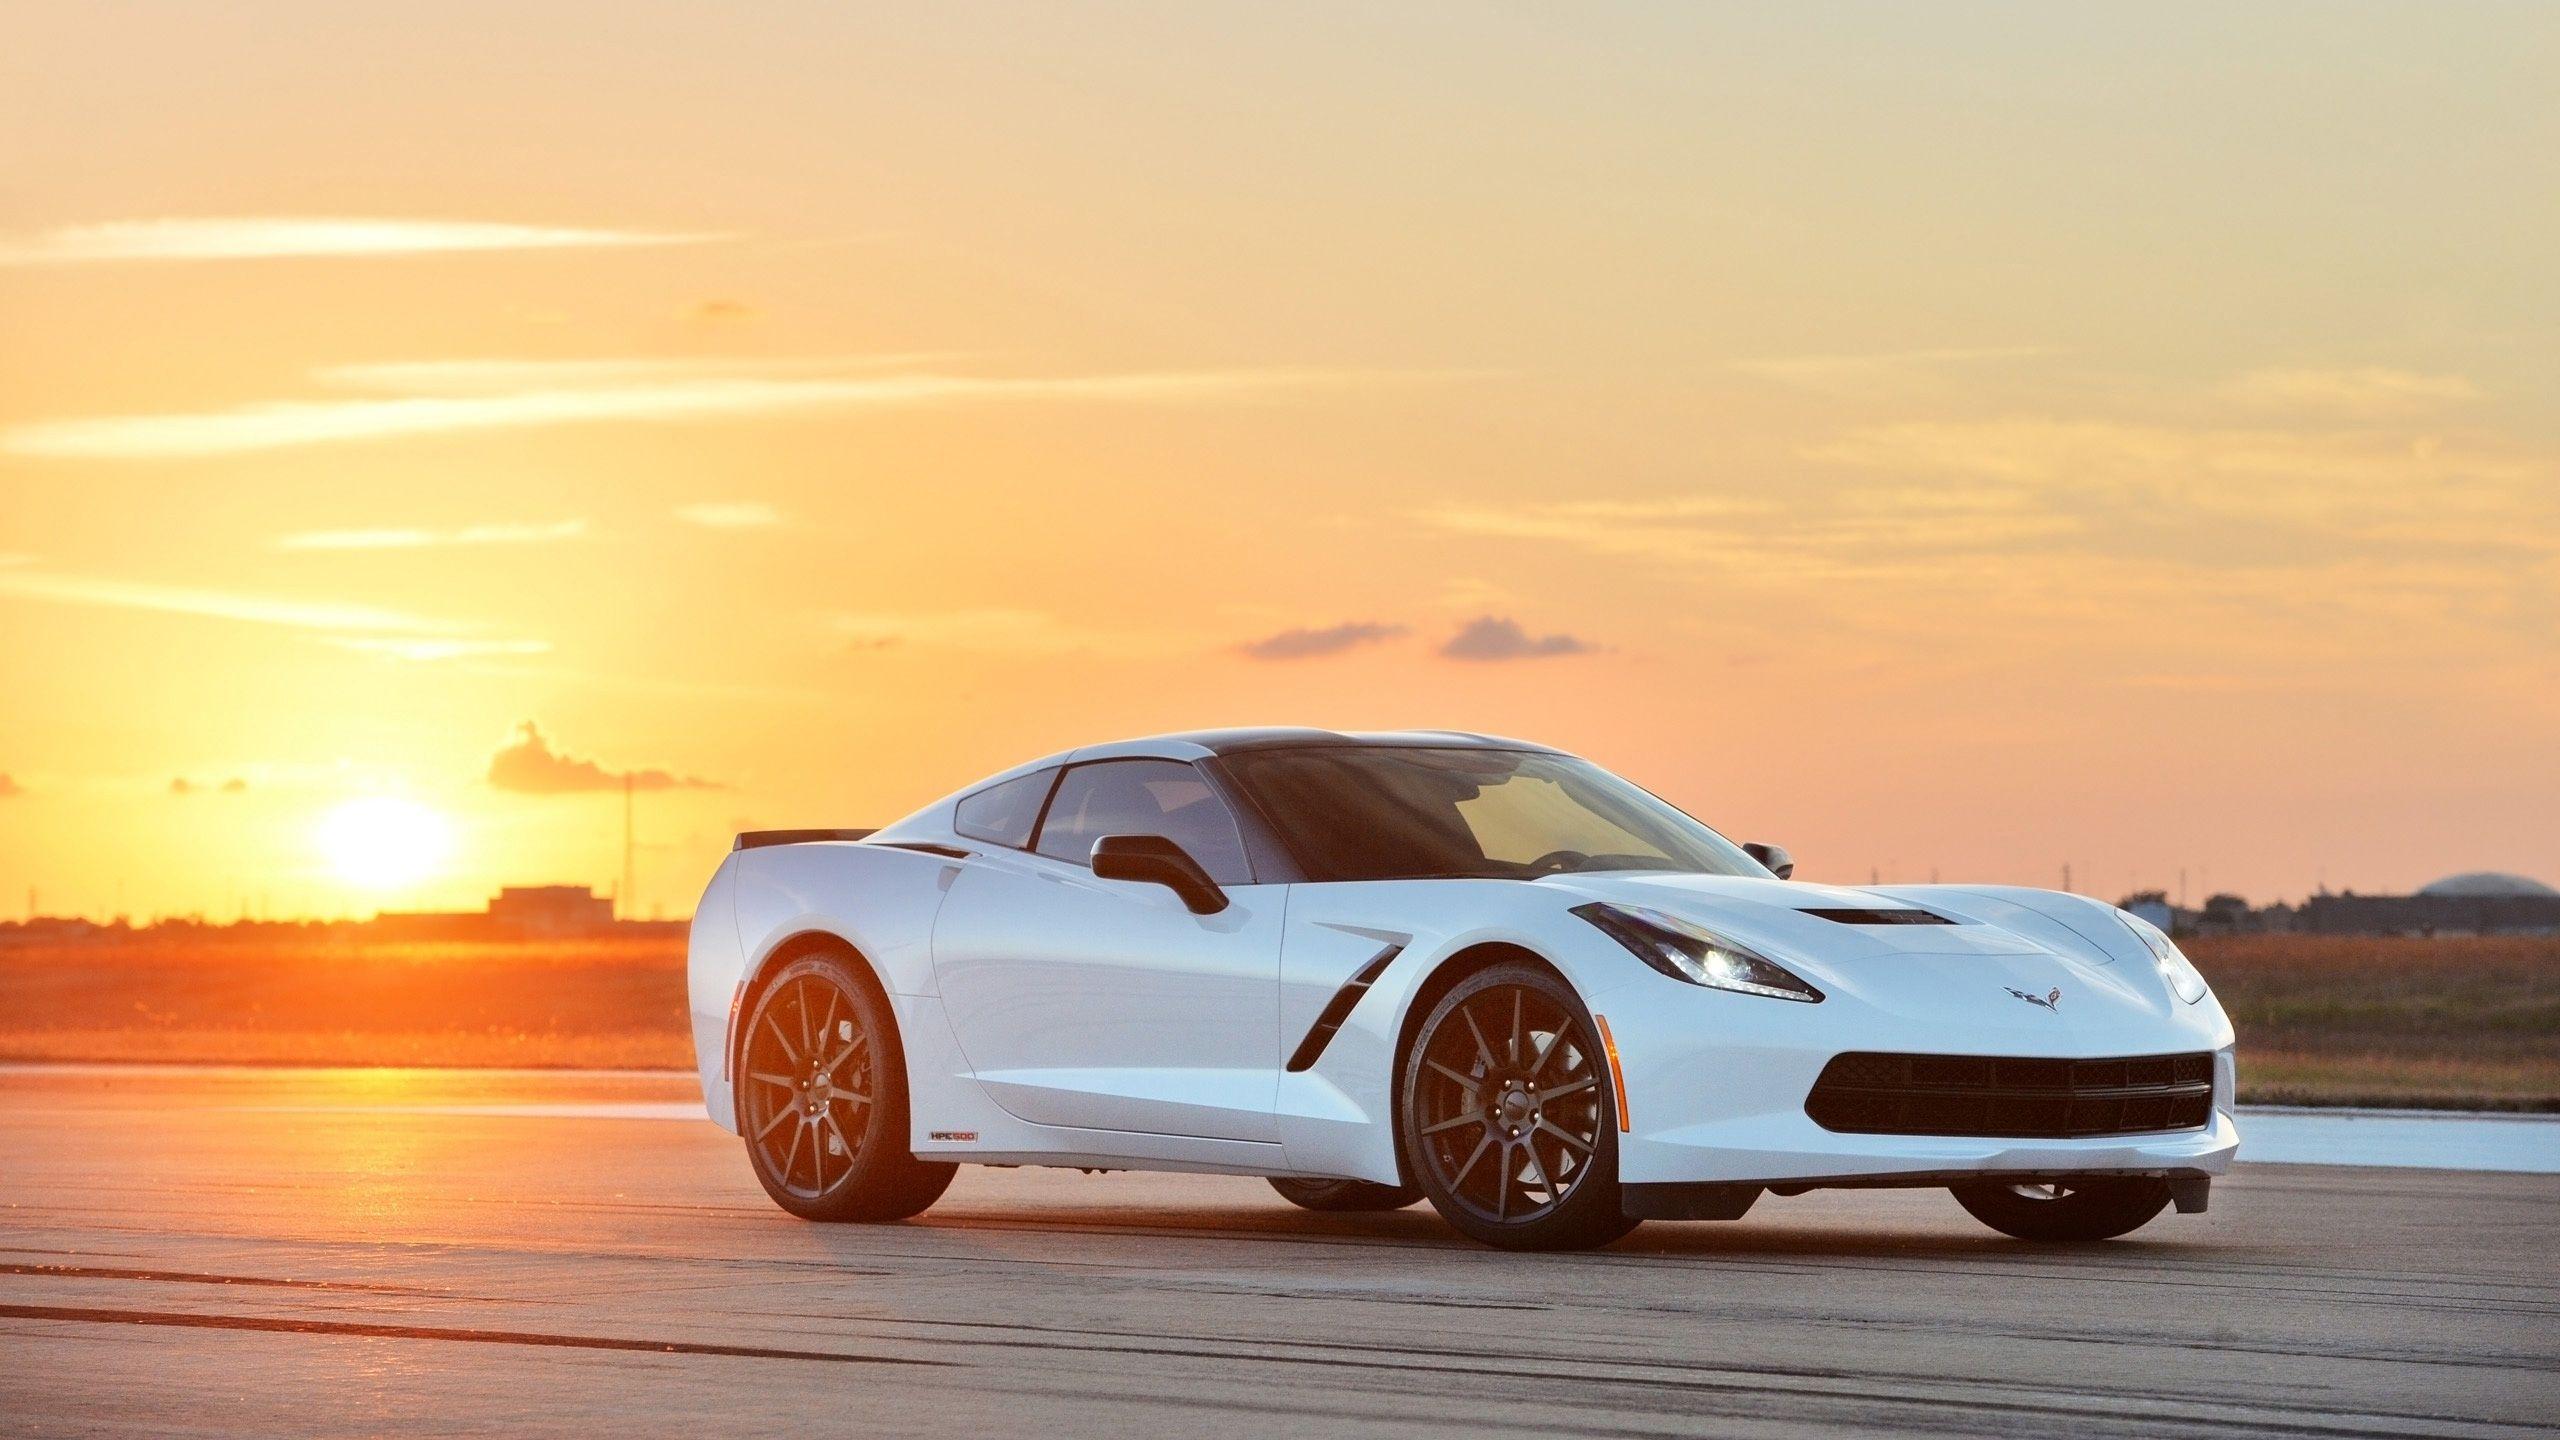 2015 Chevrolet Corvette Stingray | A little about me. | Pinterest ...